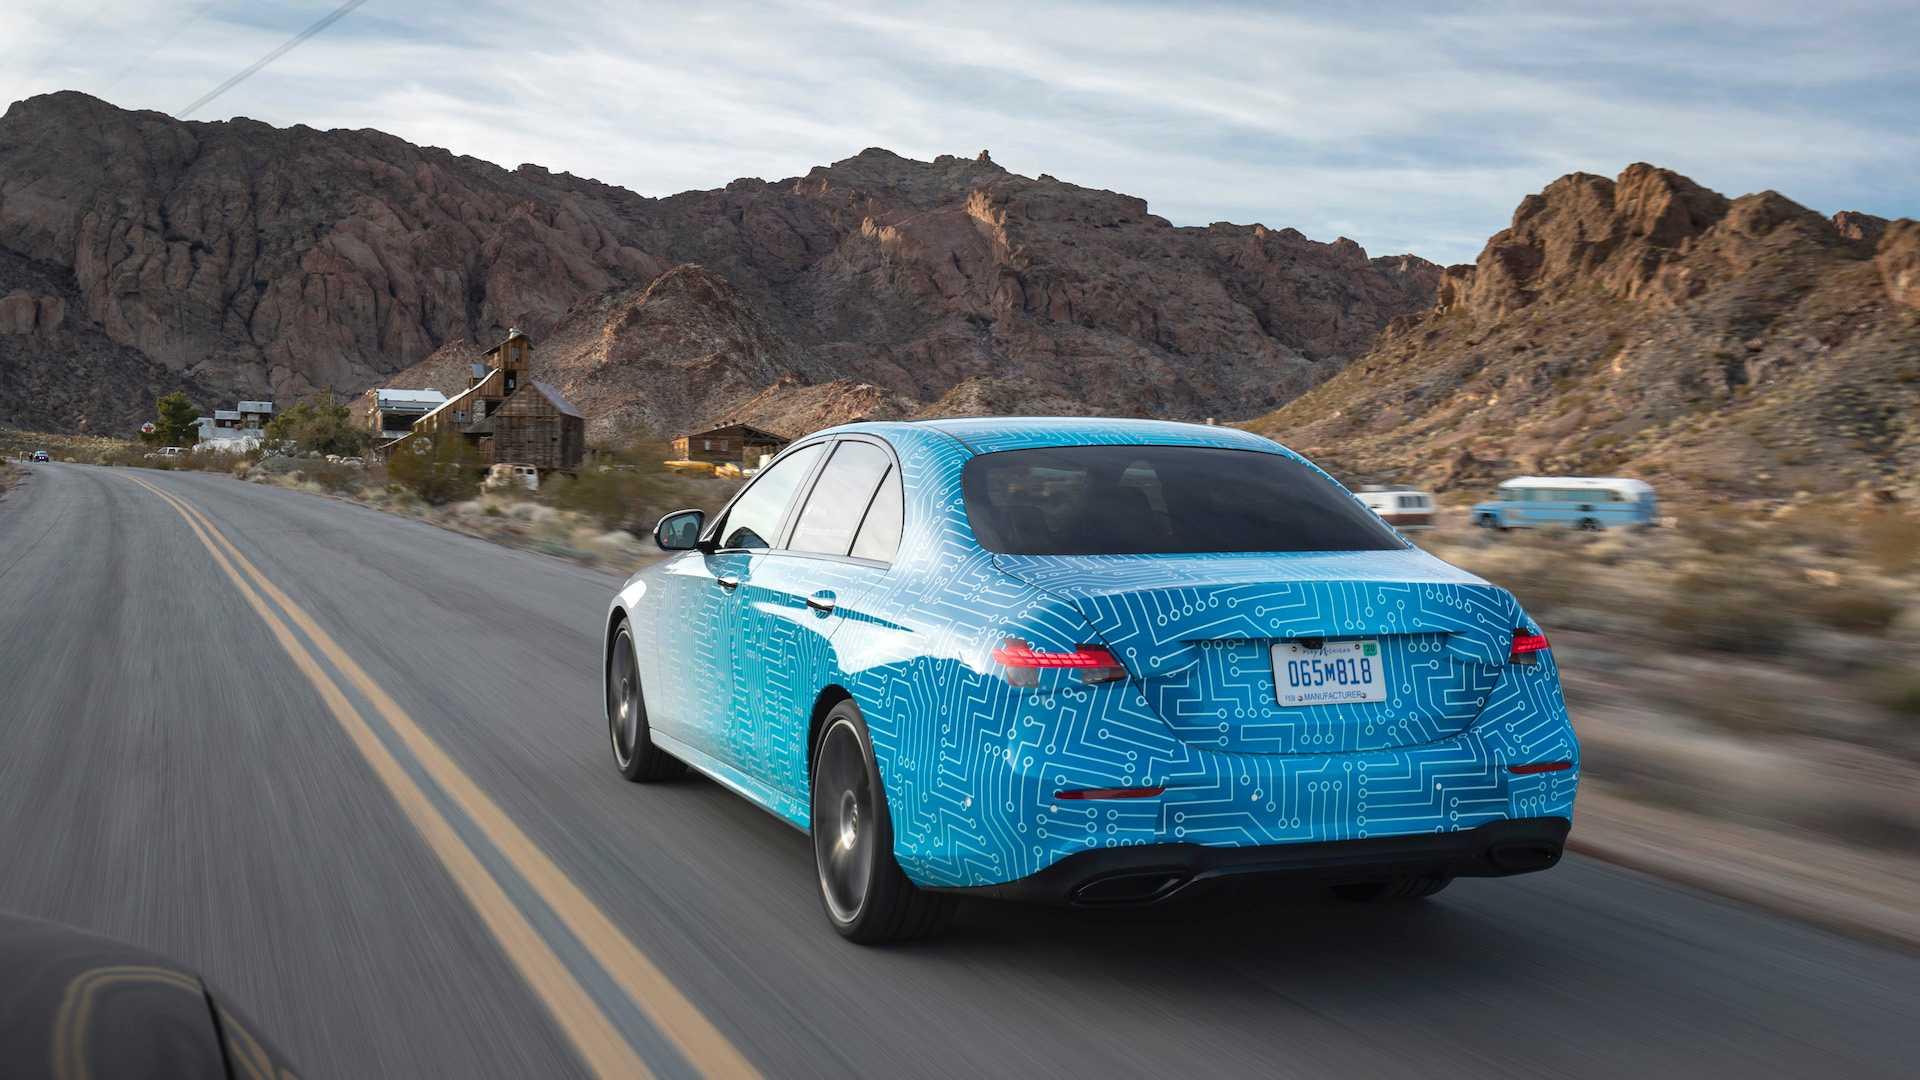 Hé lộ hình ảnh Mercedes-Benz E-Class facelift, thiết kế và động cơ mới - 05